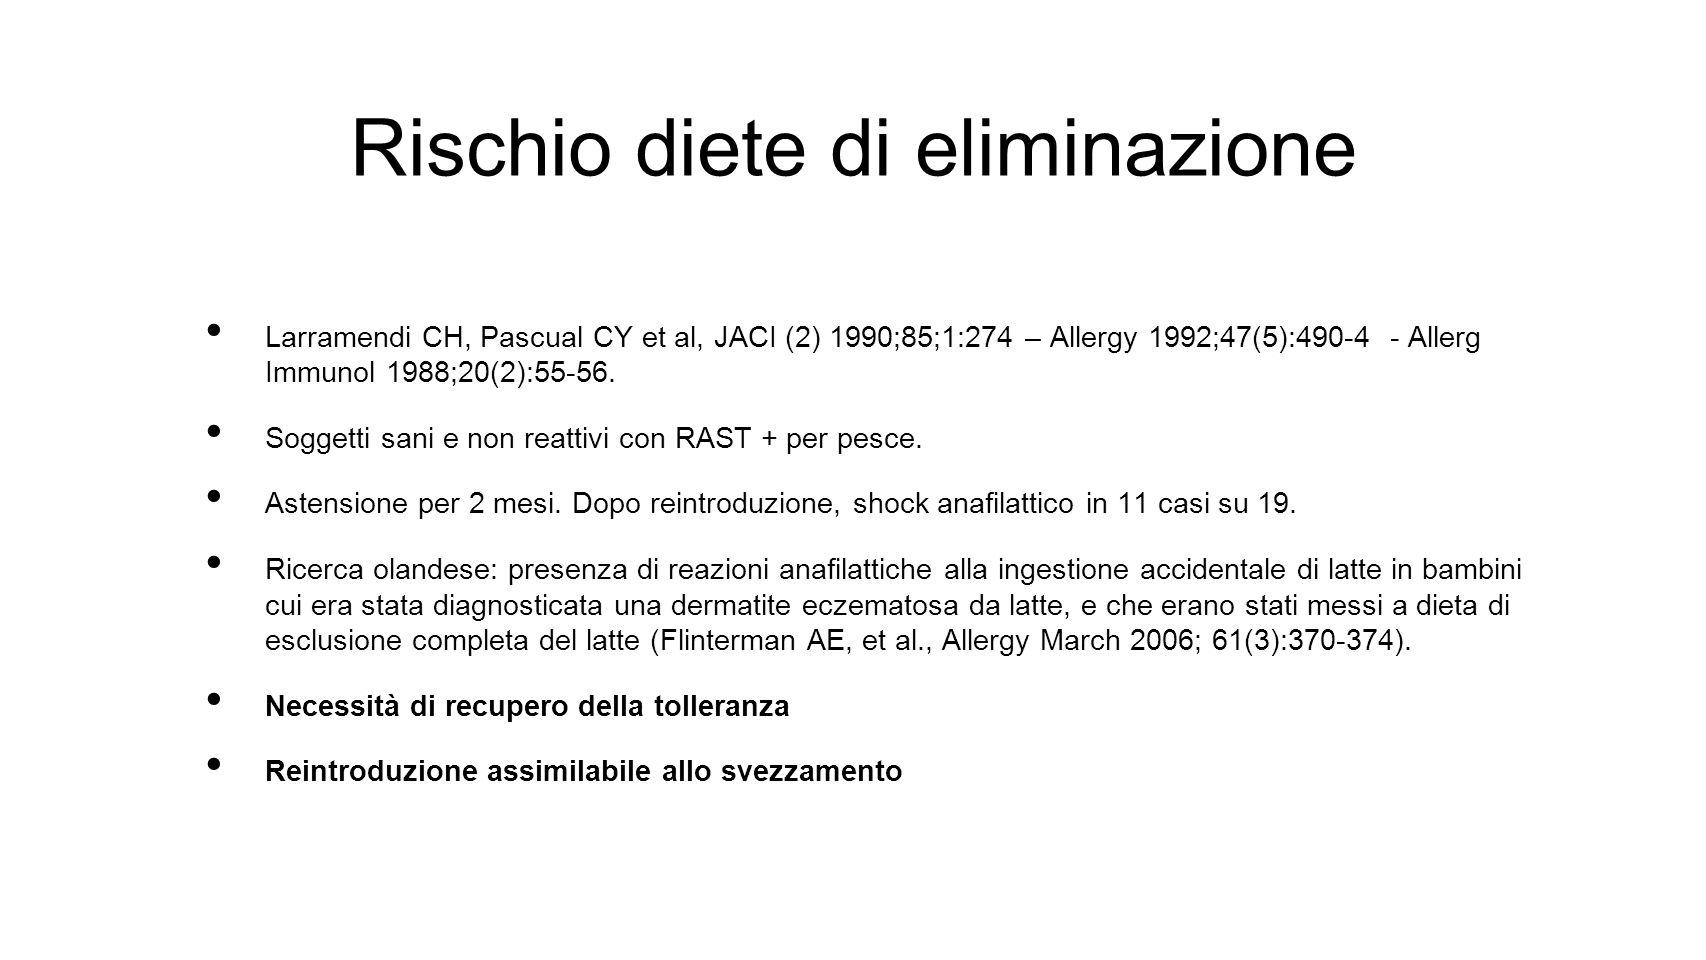 Rischio diete di eliminazione